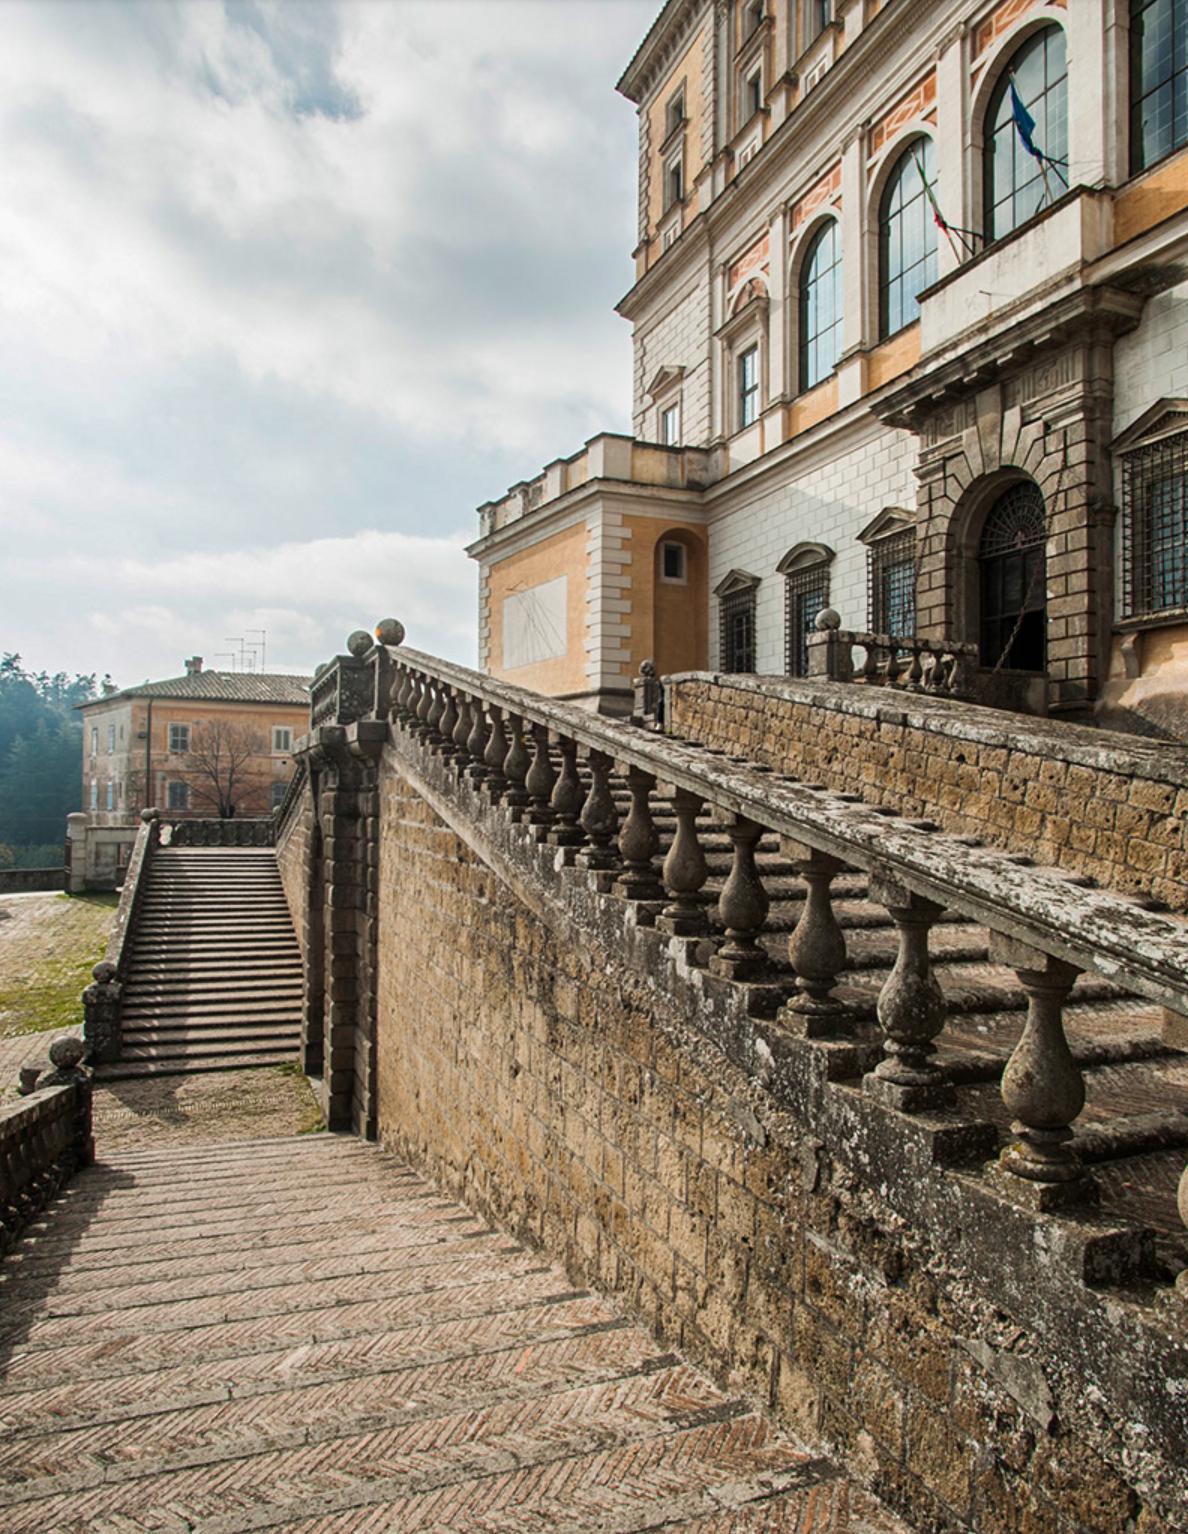 Villa Farnese - Viterbo - Lazio